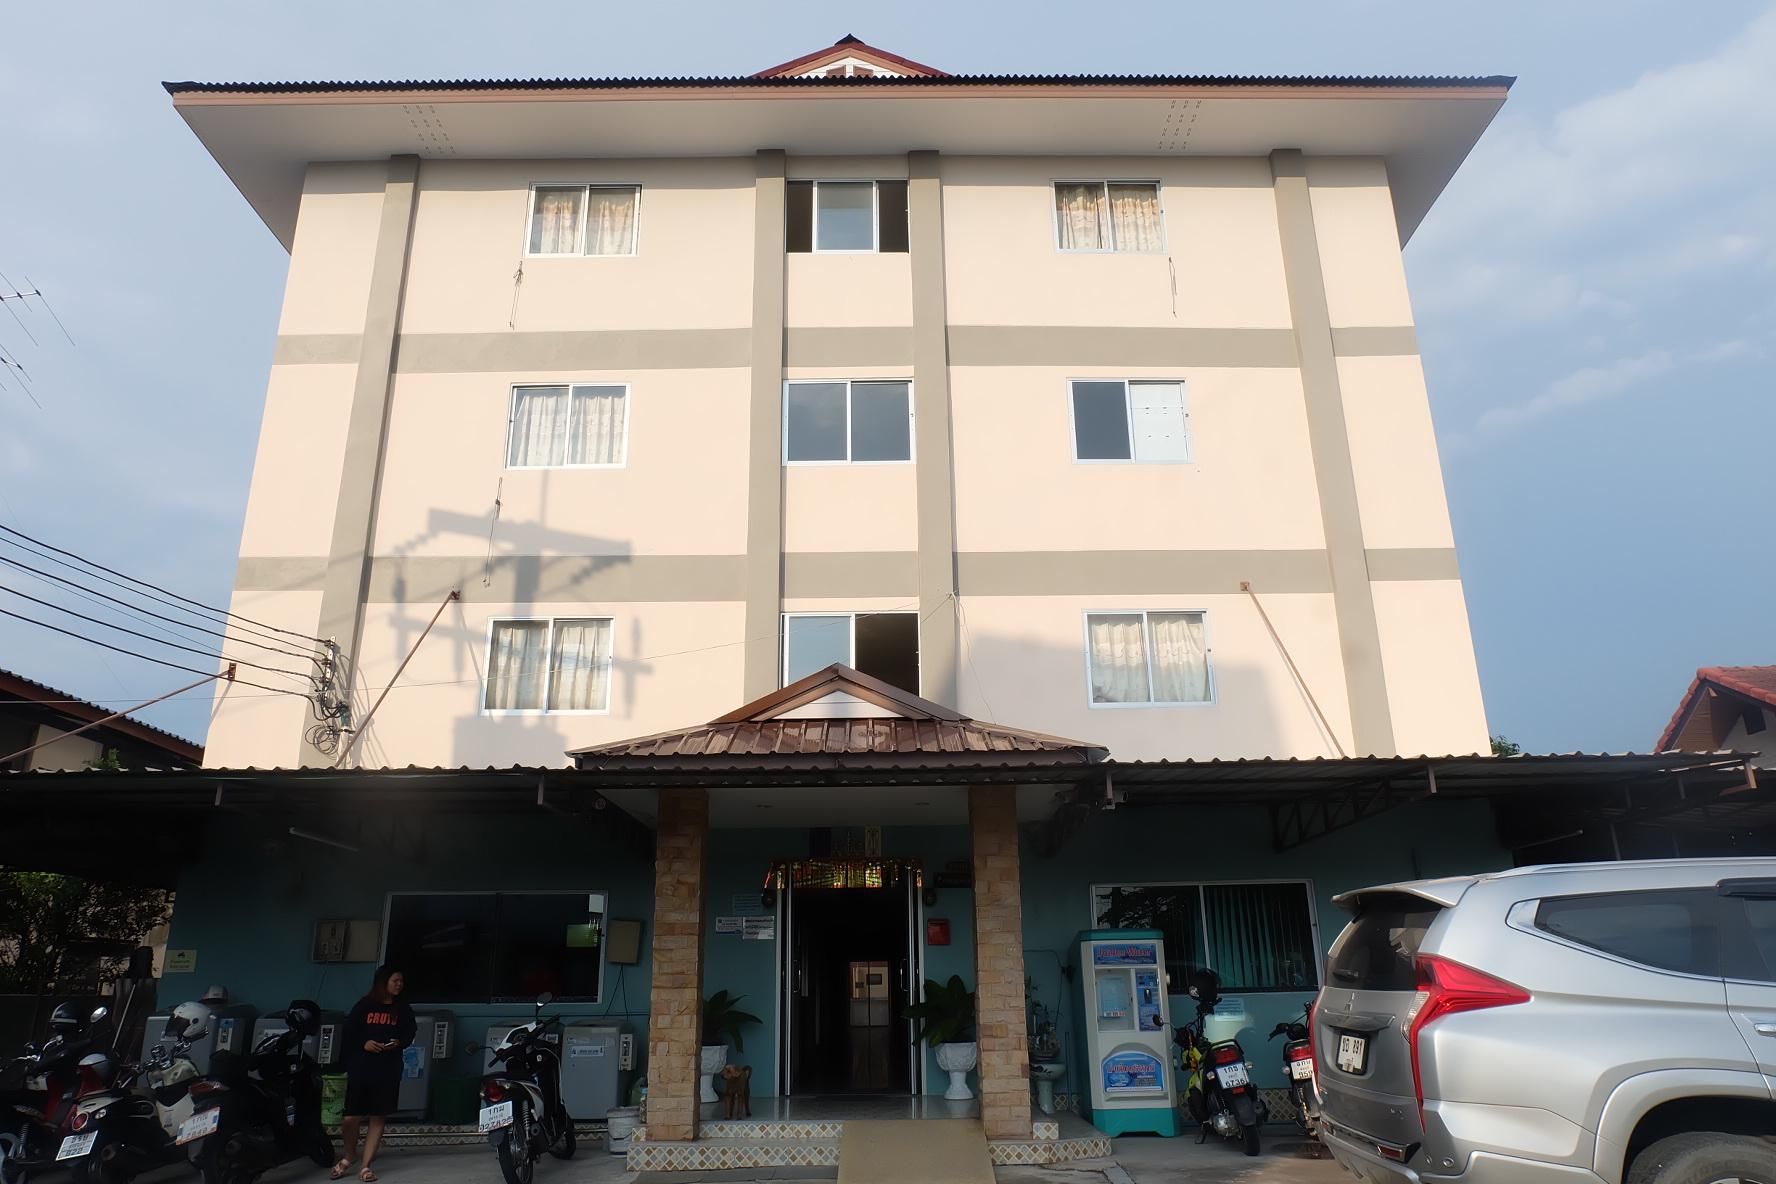 Donhkhunwang Mansion 2